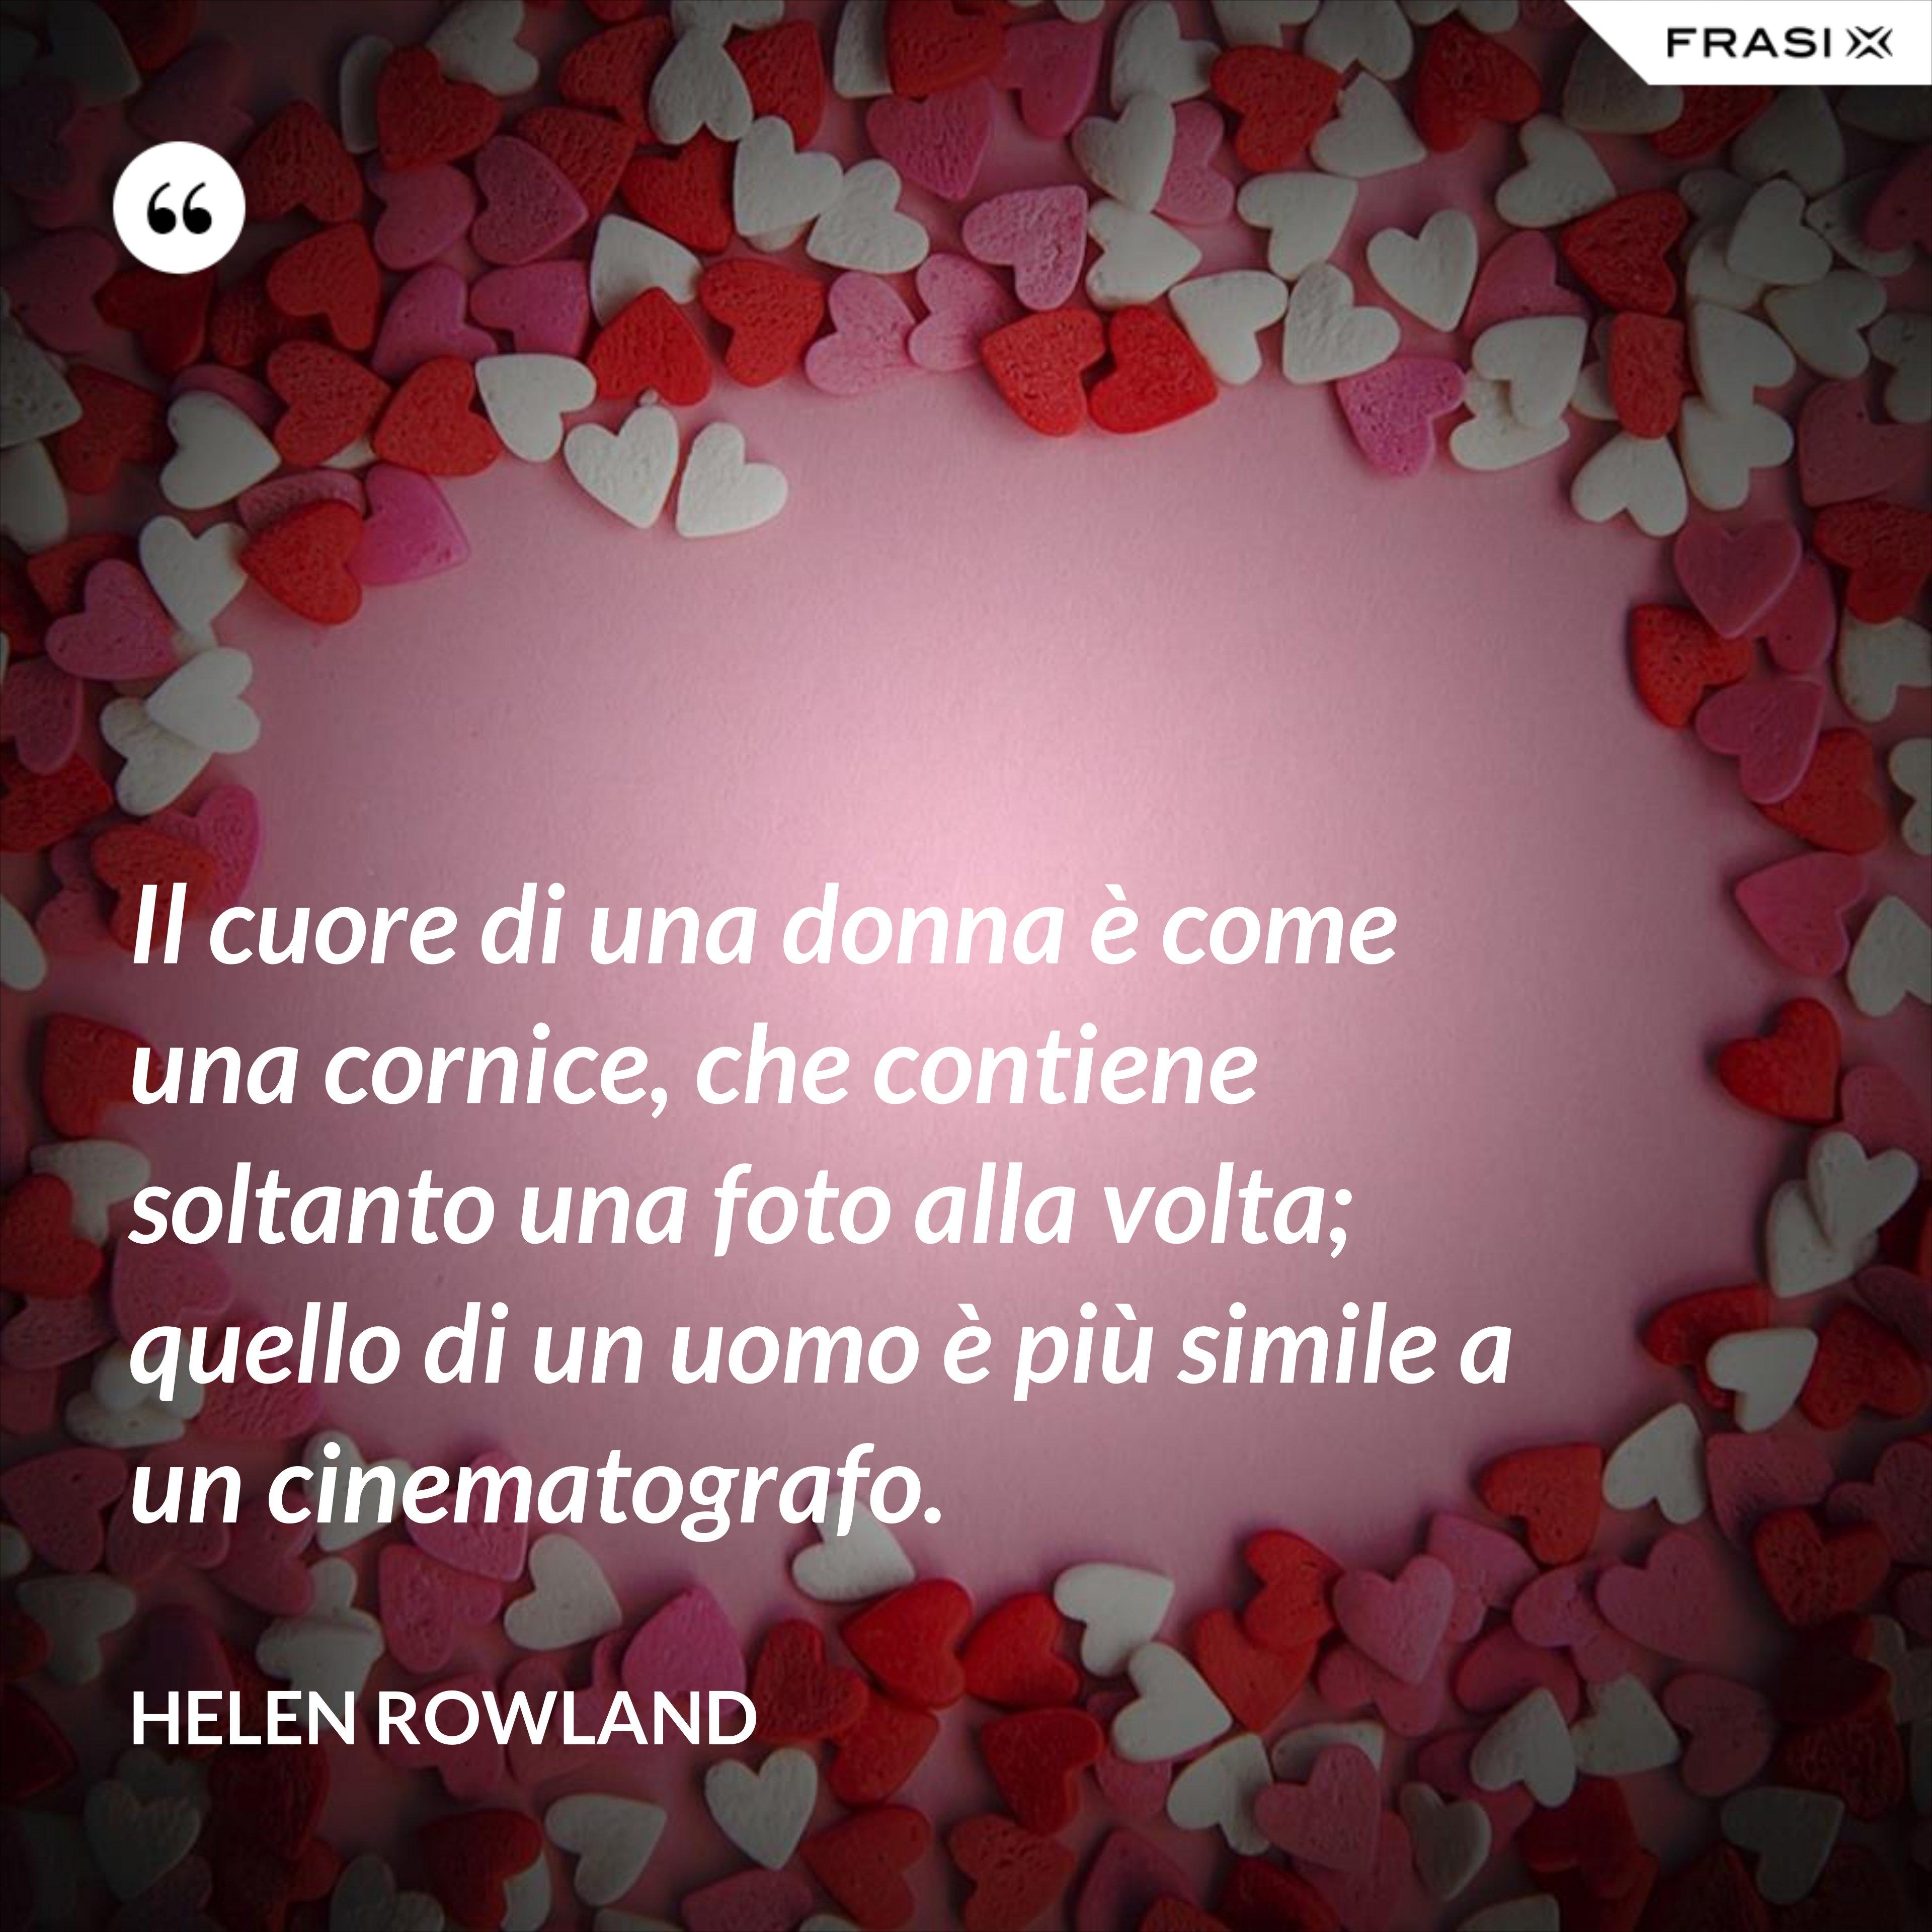 Il cuore di una donna è come una cornice, che contiene soltanto una foto alla volta; quello di un uomo è più simile a un cinematografo. - Helen Rowland